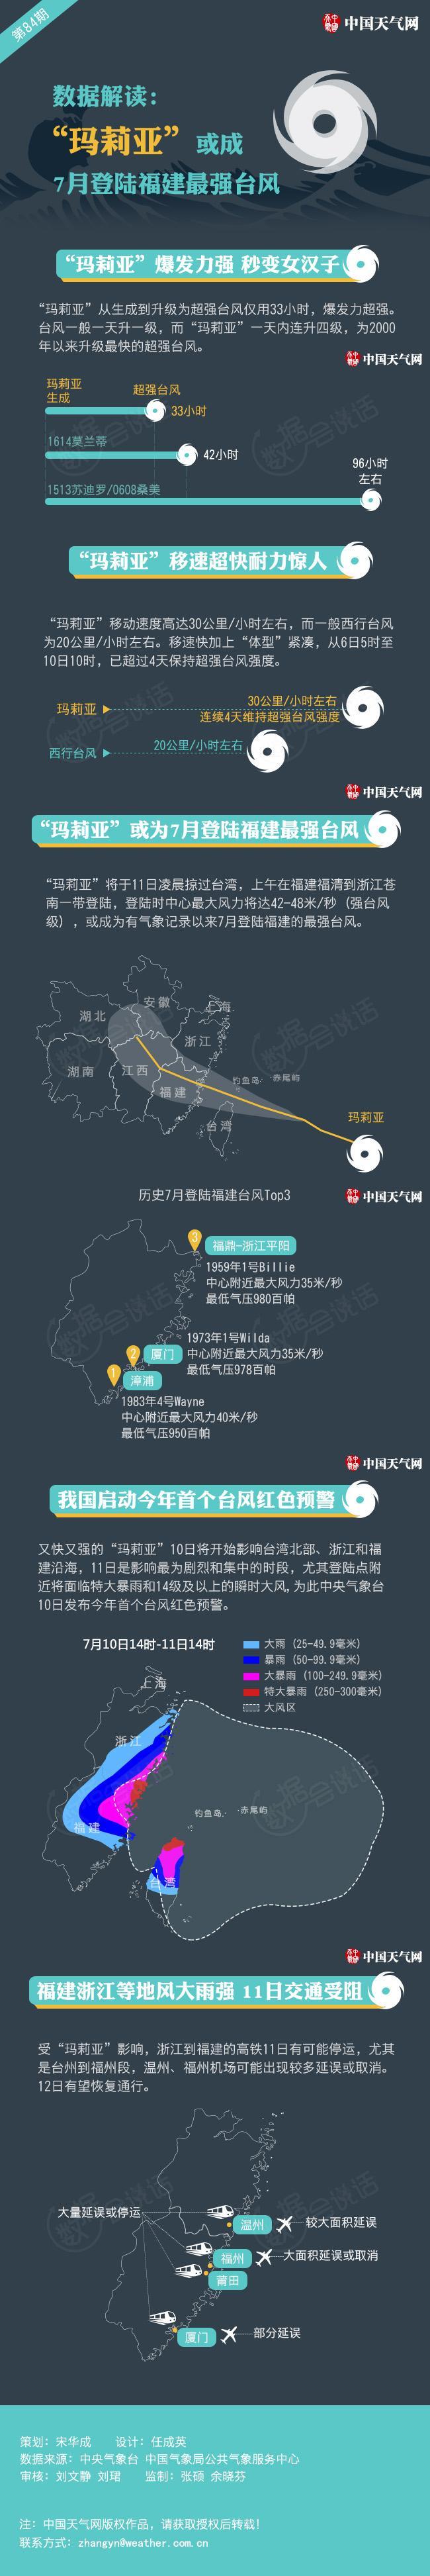 台风数字画像-266.jpg